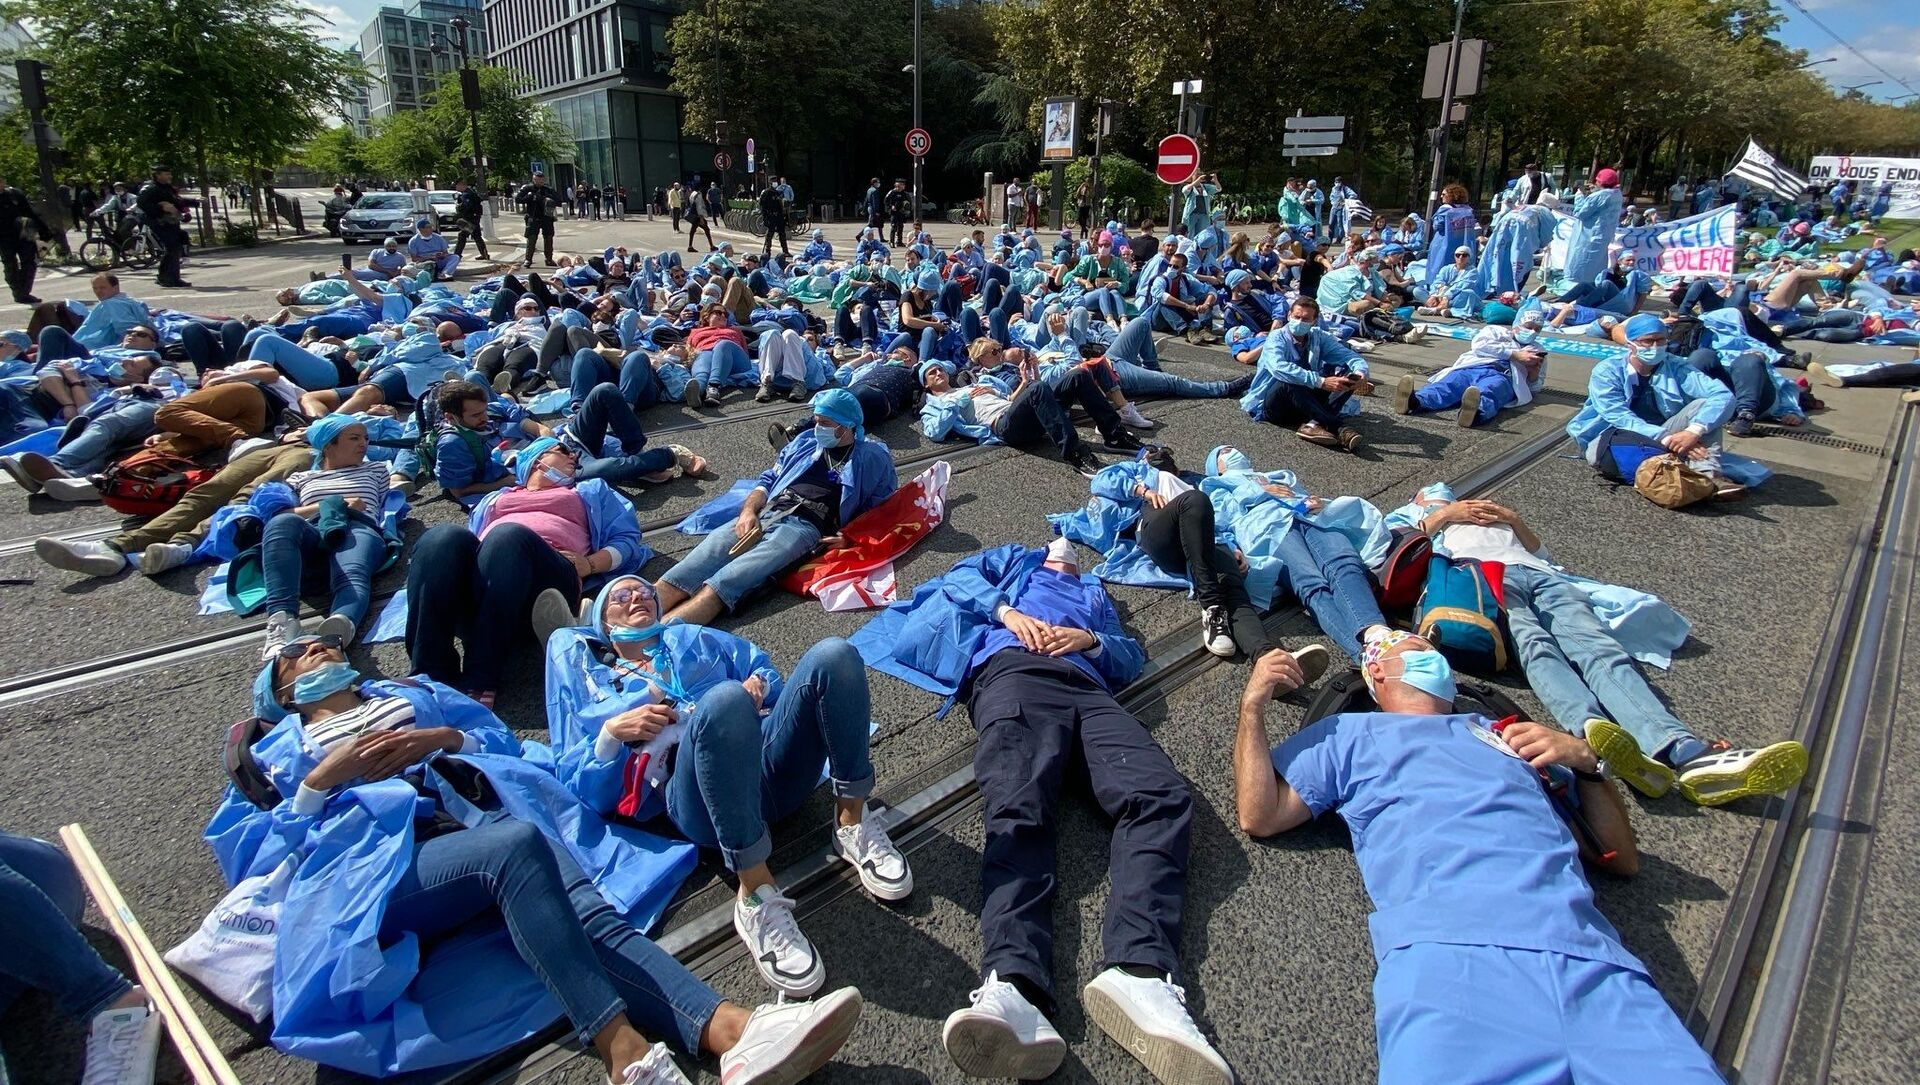 Manifestation des infirmiers anesthésistes diplômés d'État (IADE) à Paris, le 16 septembre 2021 - Sputnik France, 1920, 16.09.2021